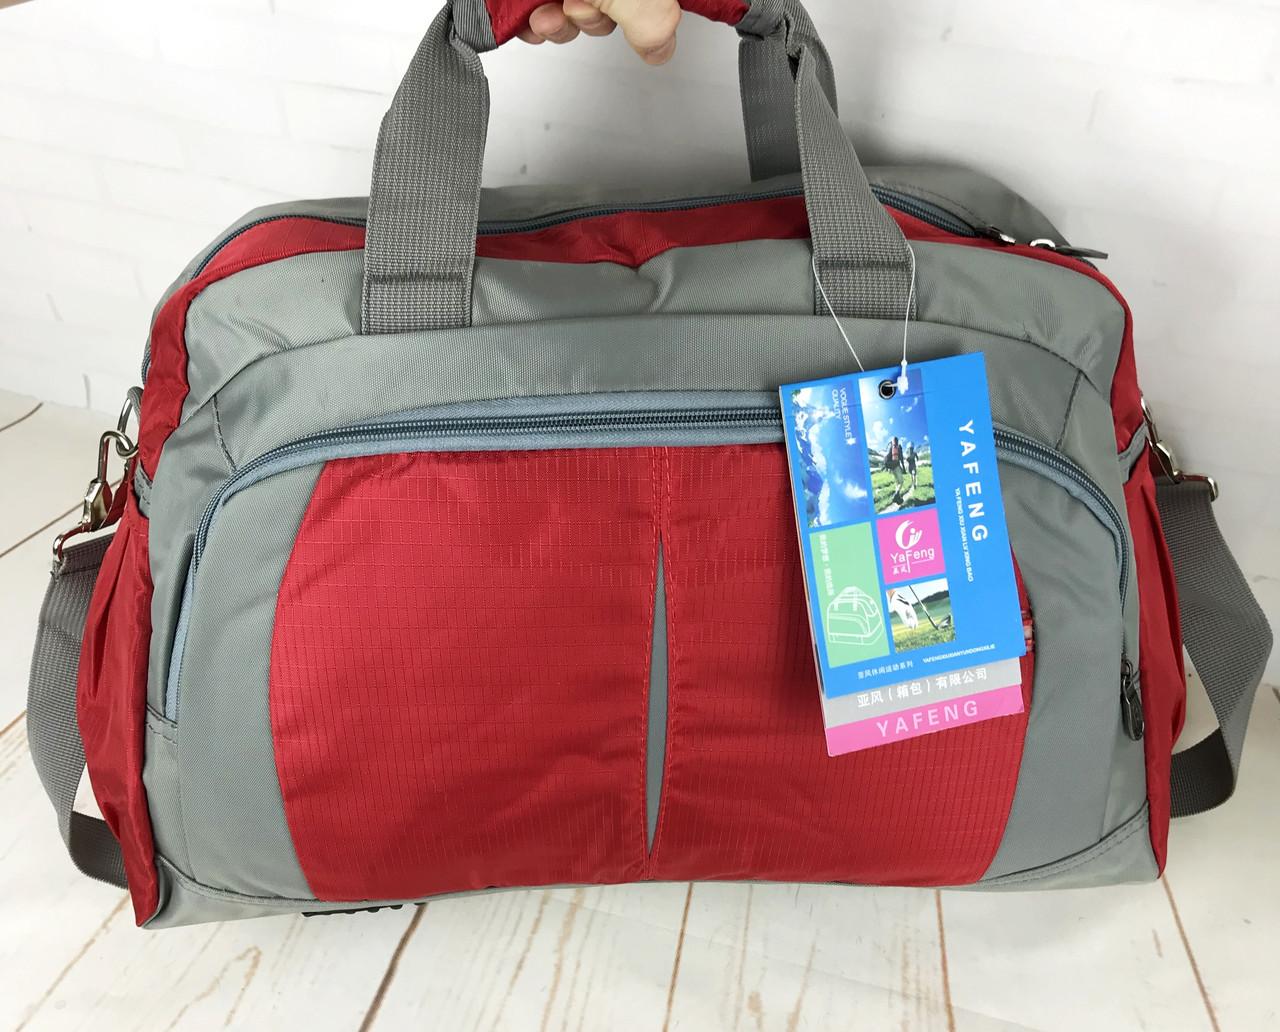 912151224b51 Небольшая спортивная, дорожная сумка. Унисекс. КСС40, цена 359 грн., купить  в Бердянске — Prom.ua (ID#916435224)